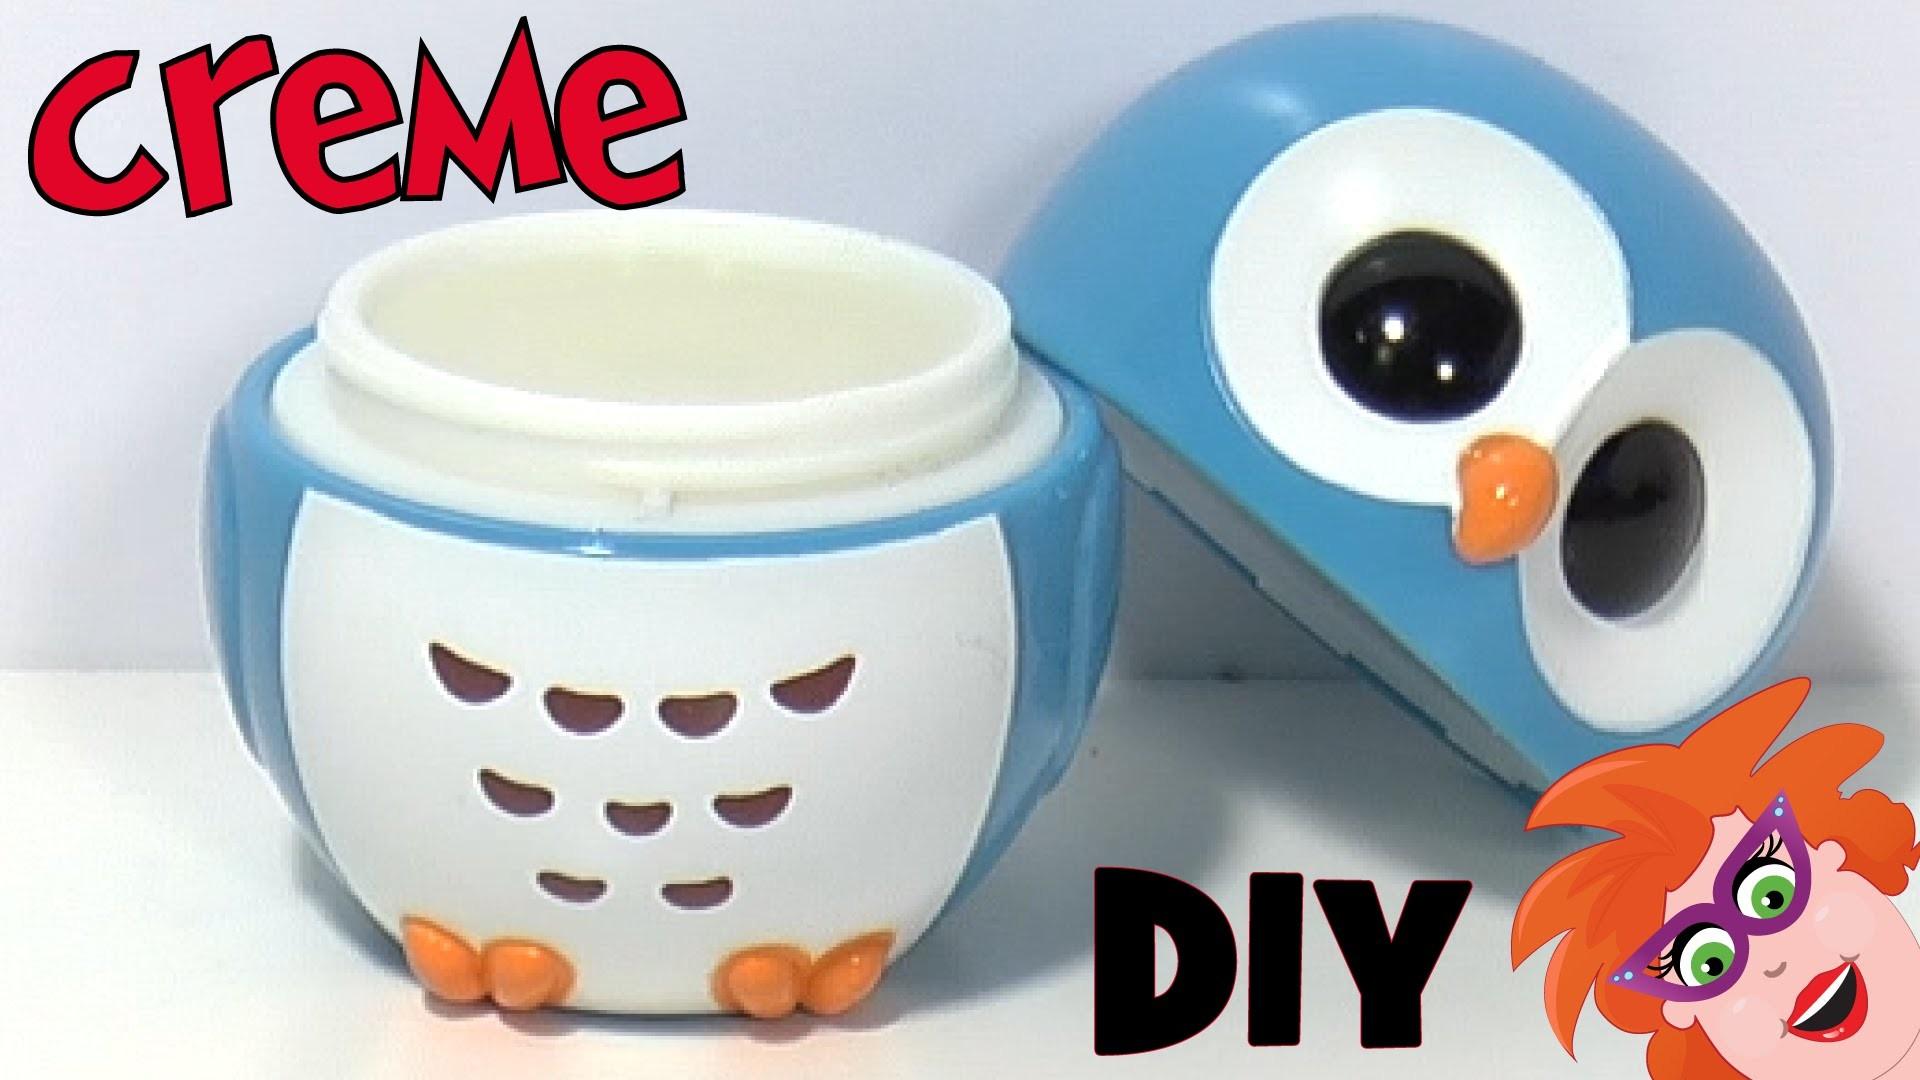 DIY zelf crème maken voor je gezicht of handen. Uiltjespot hervullen.